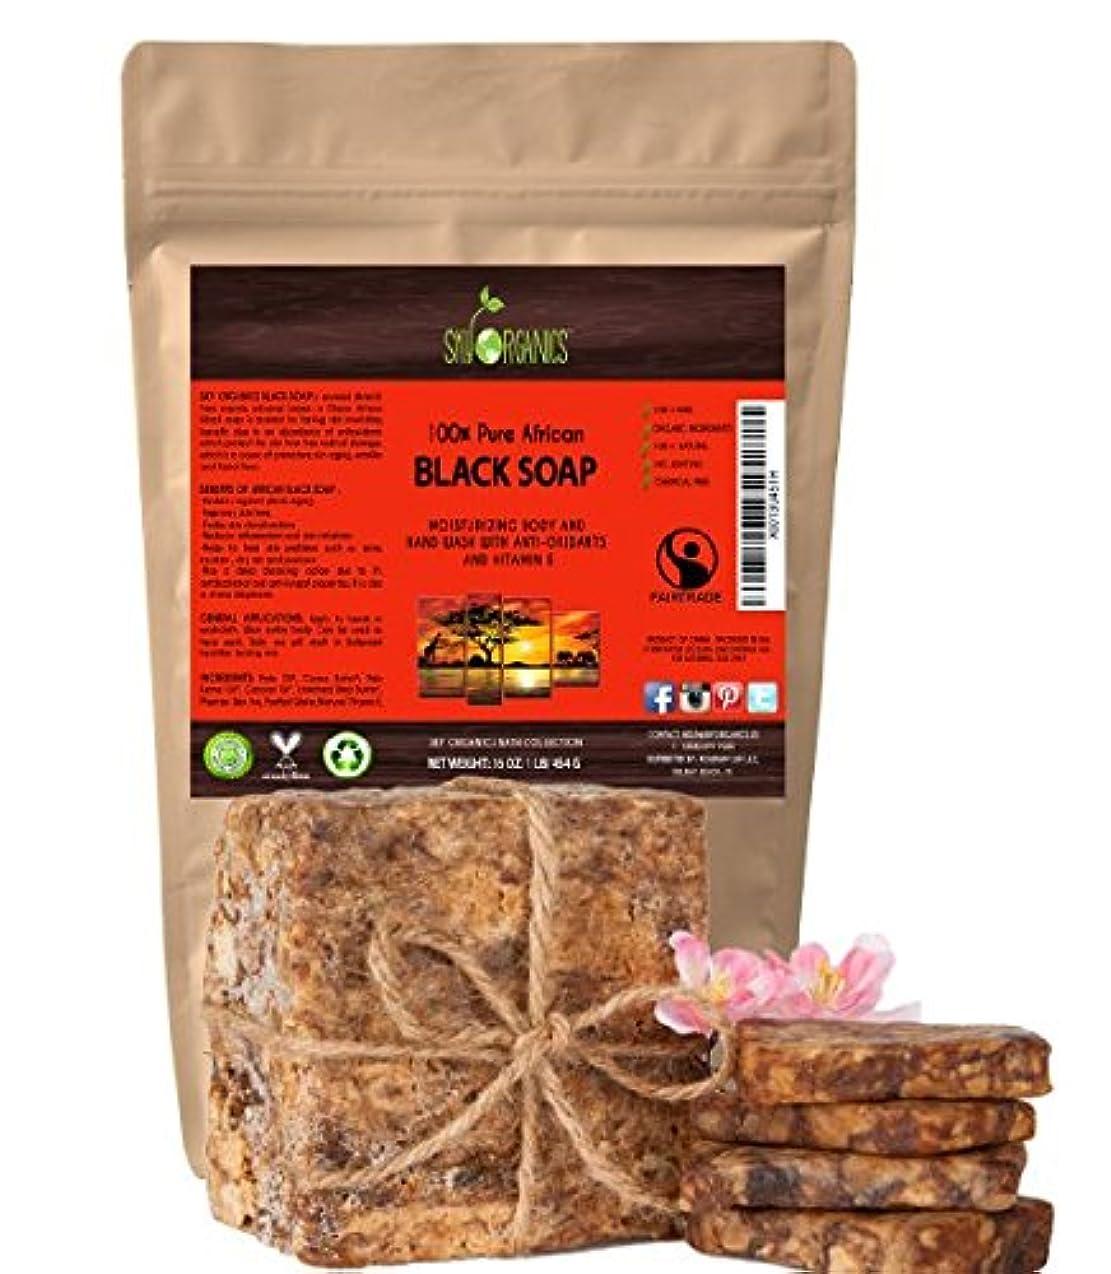 祈りオーブンぬいぐるみ切って使う オーガニック アフリカン ブラックソープ (約4563gブロック)Organic African Black Soap (16oz block) - Raw Organic Soap Ideal for Acne...